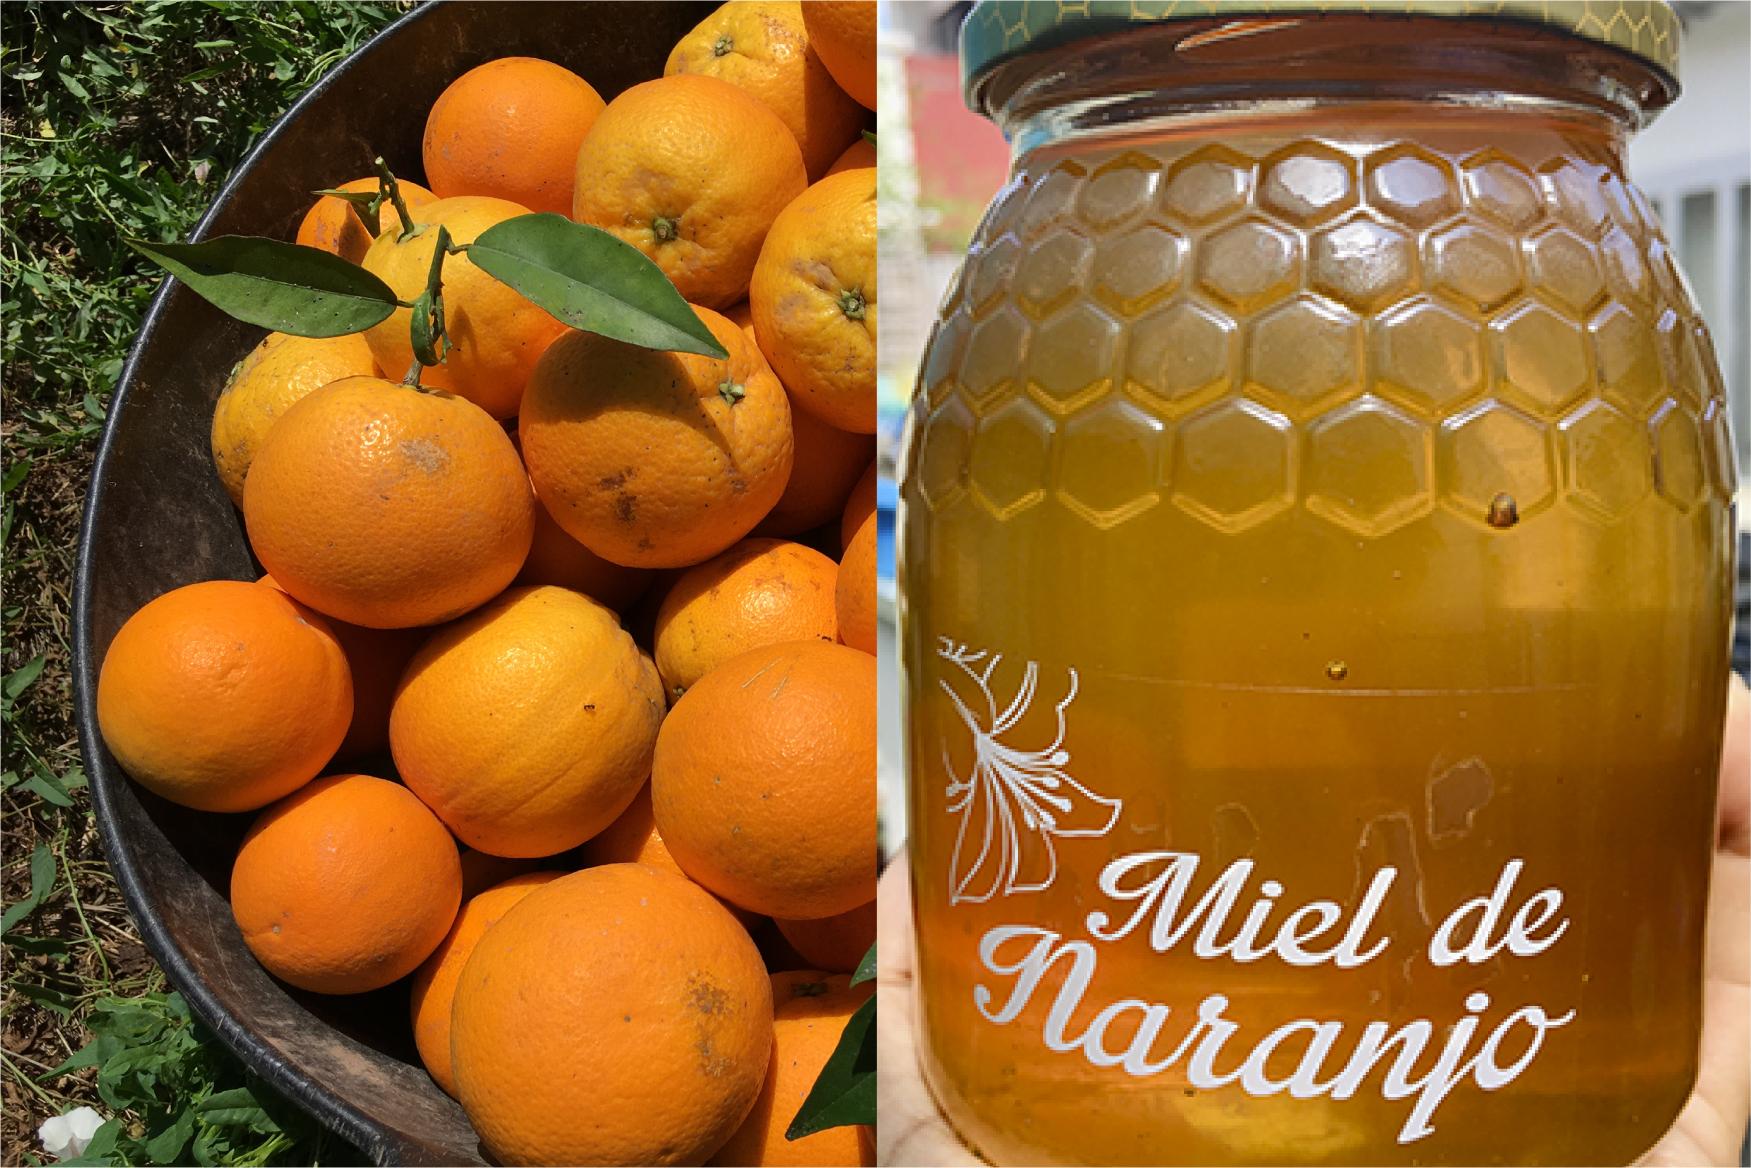 Caja Naranjas y Miel (10KG)